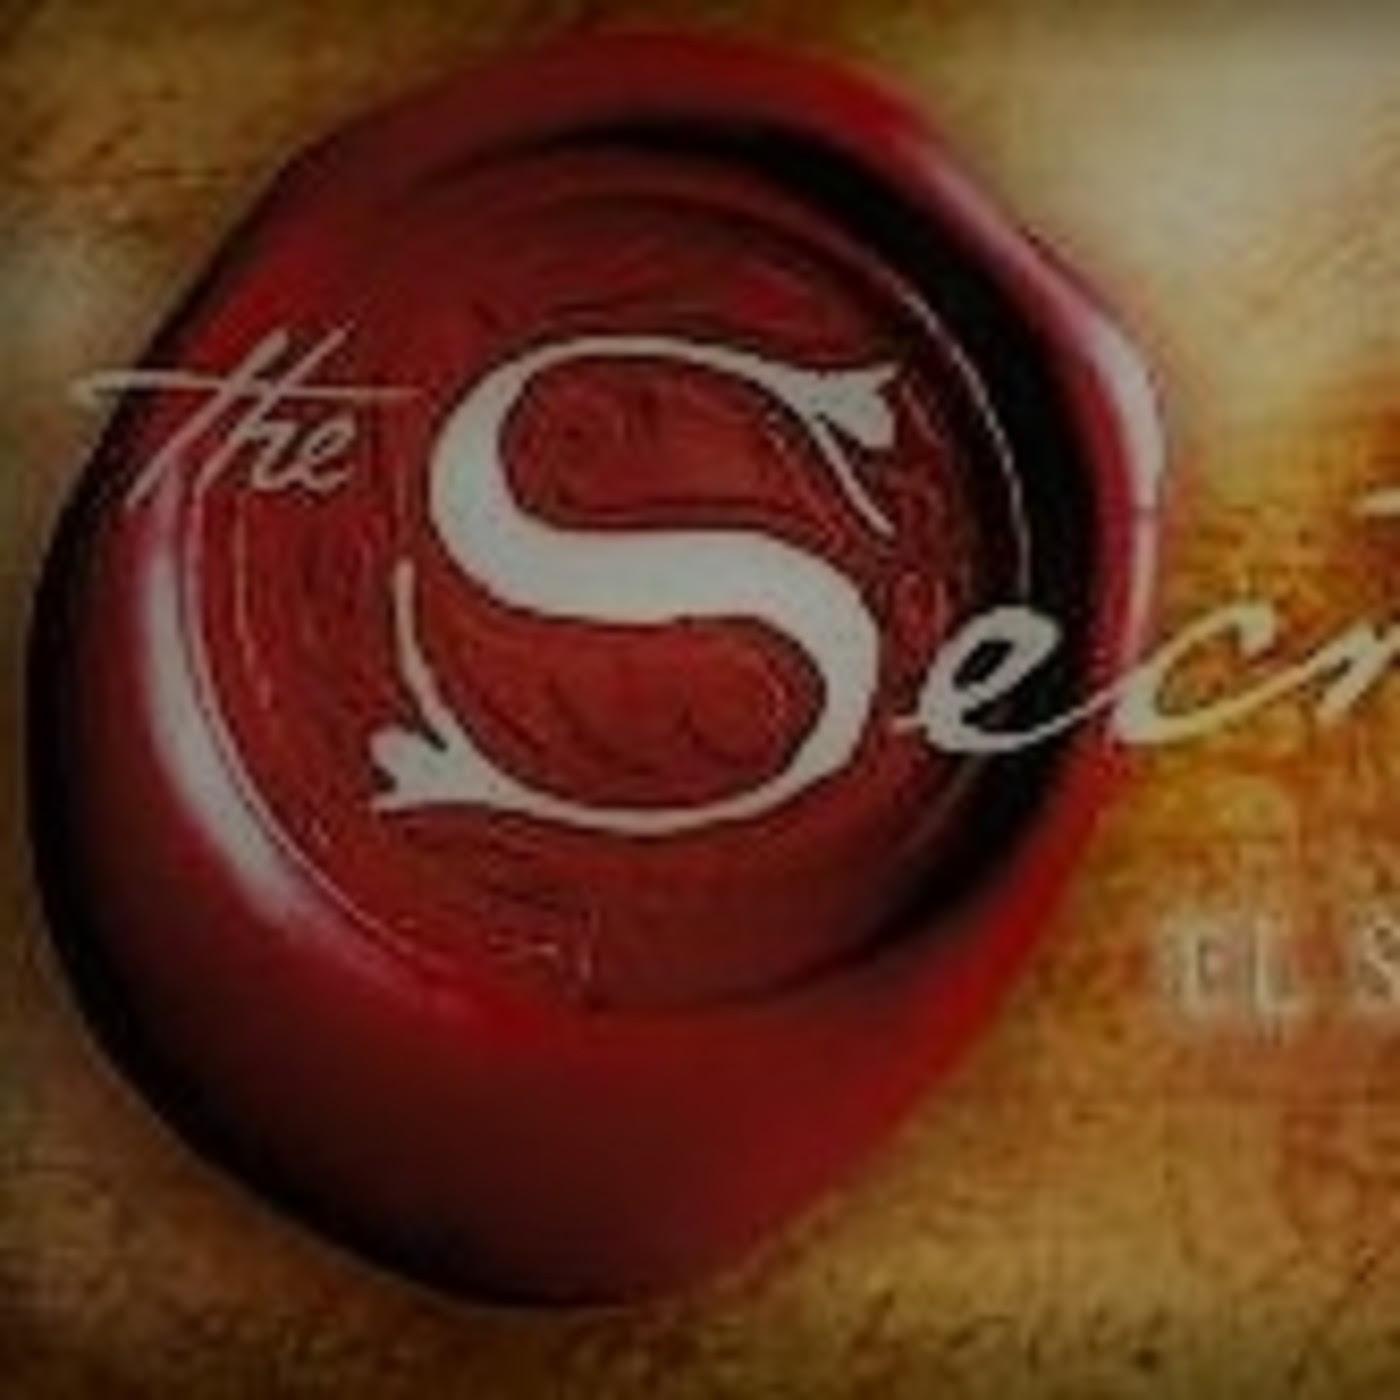 El Secreto Audio Libro Espanol En El Secreto En Mp3 09 02 A Las 22 25 31 01 31 02 16926363 Ivoox